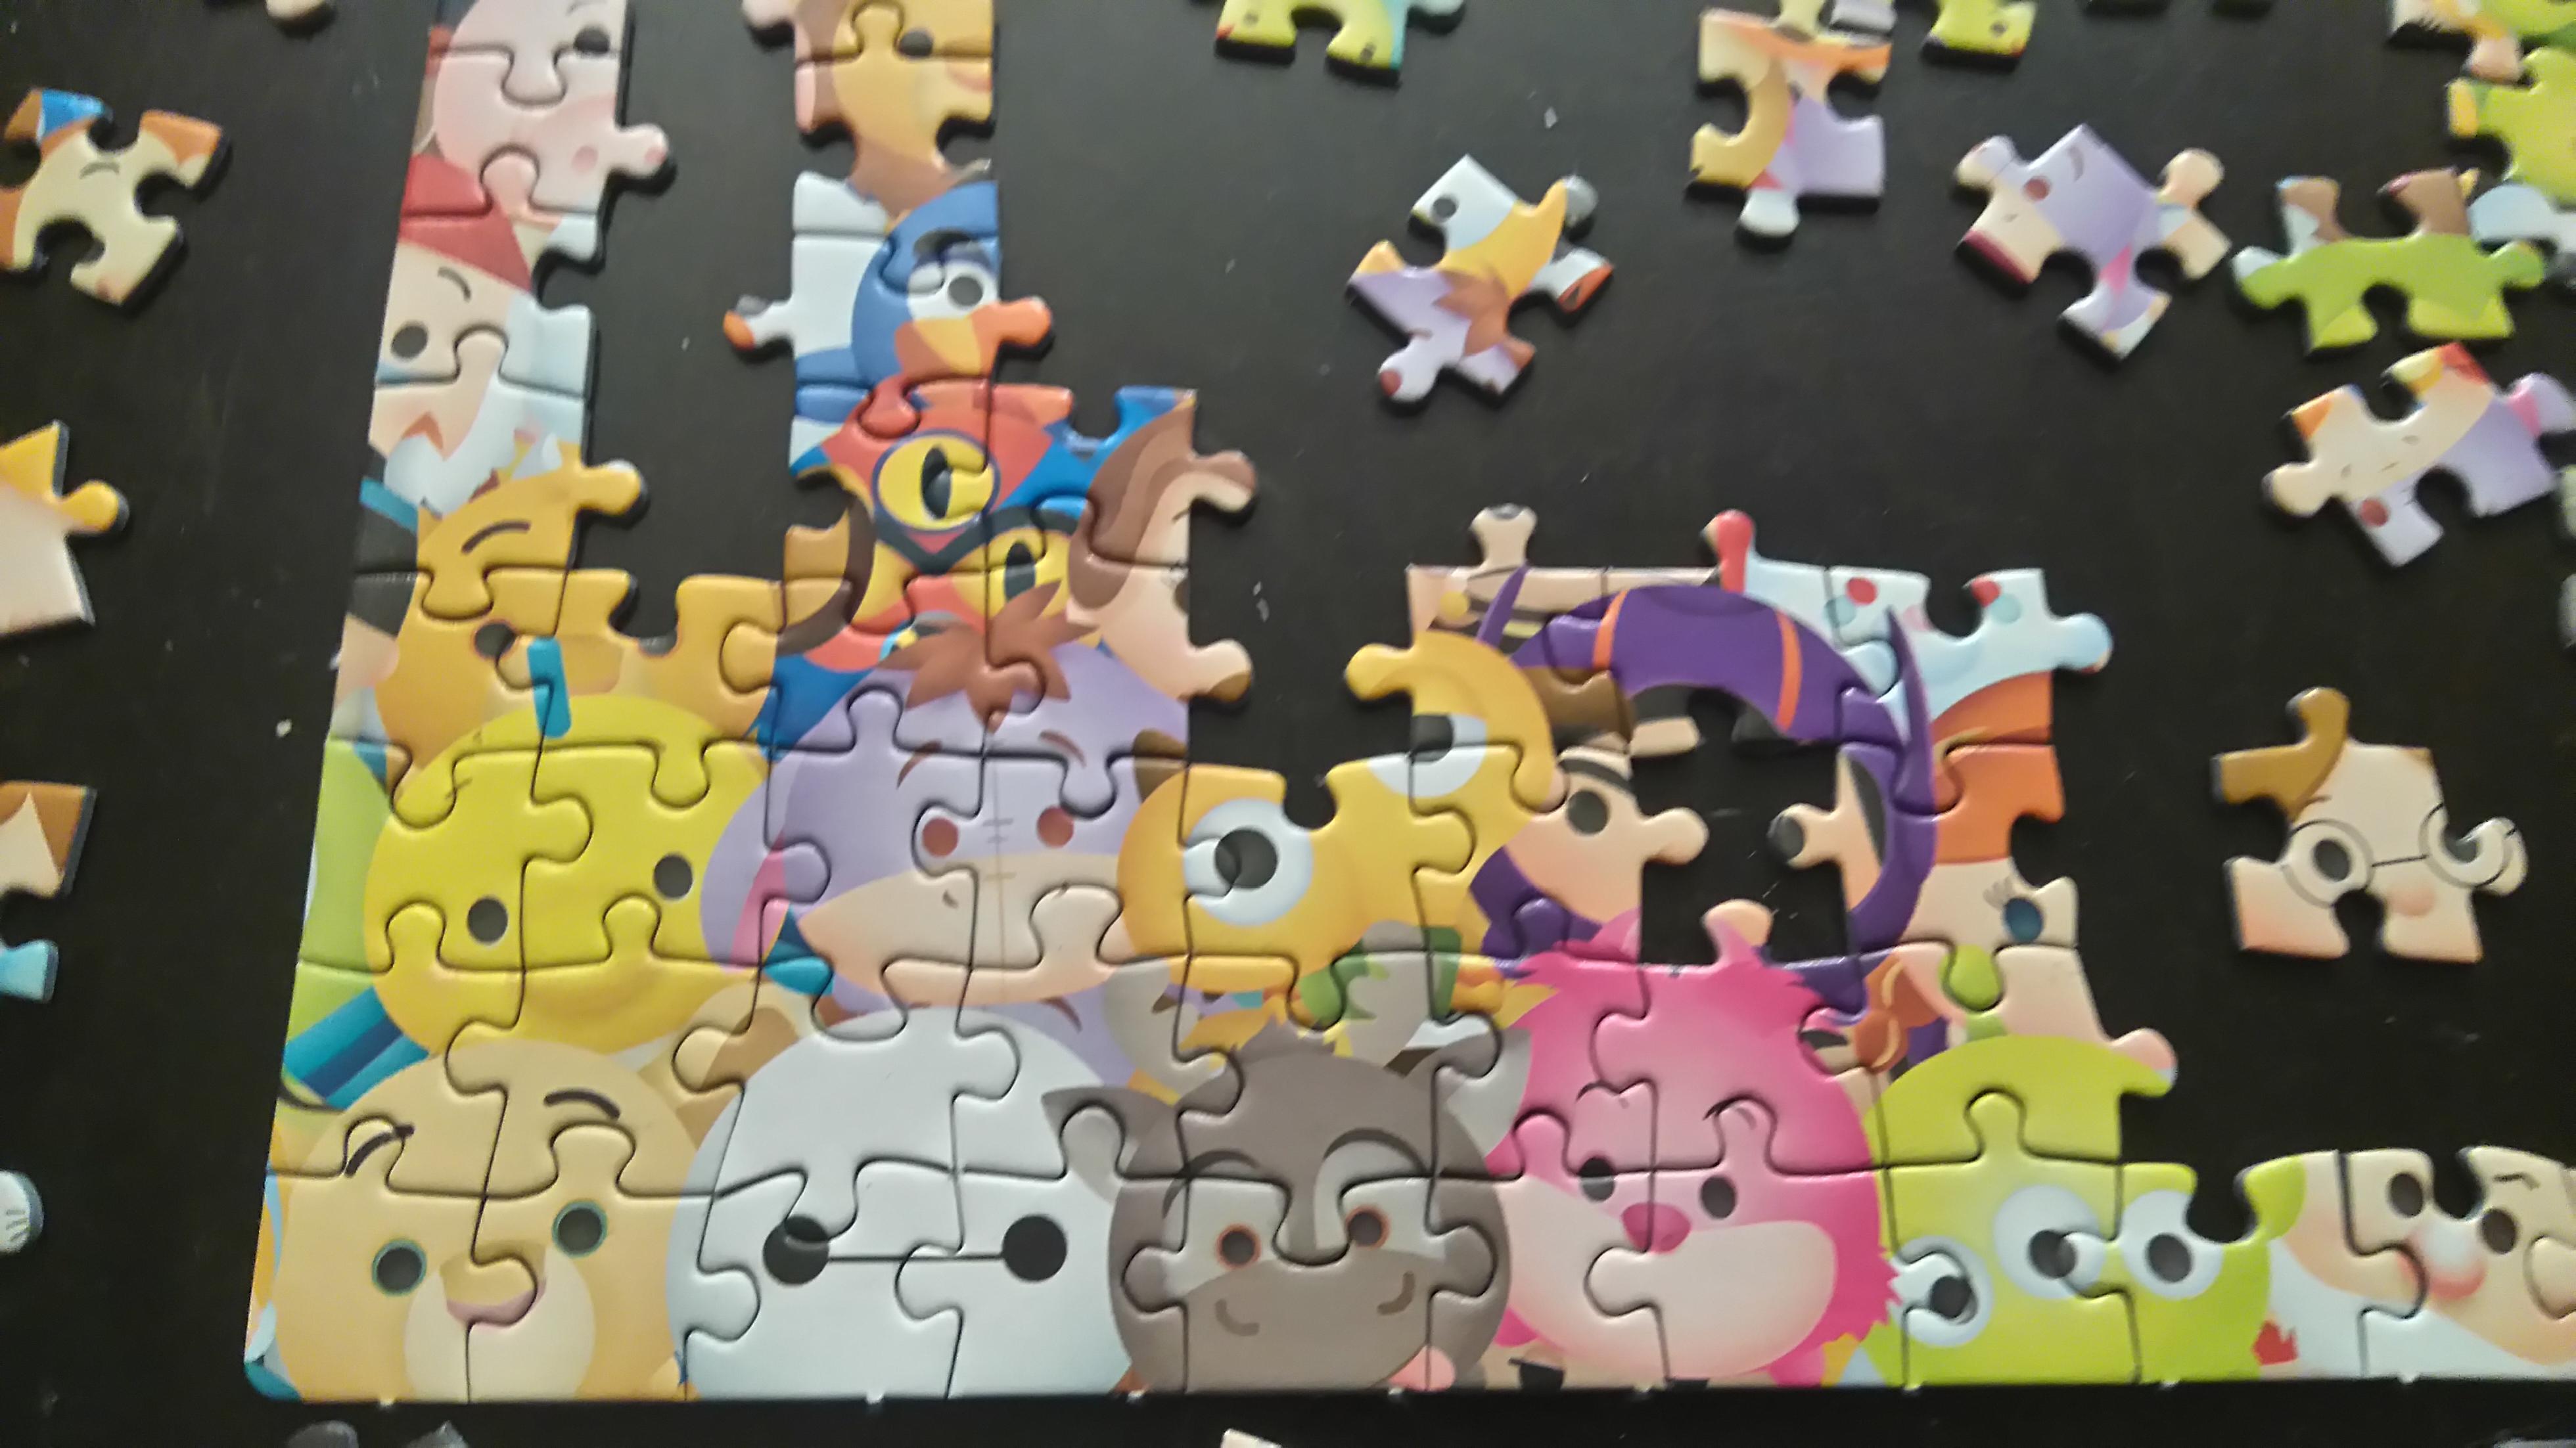 ułożony niewielki fragment puzzli